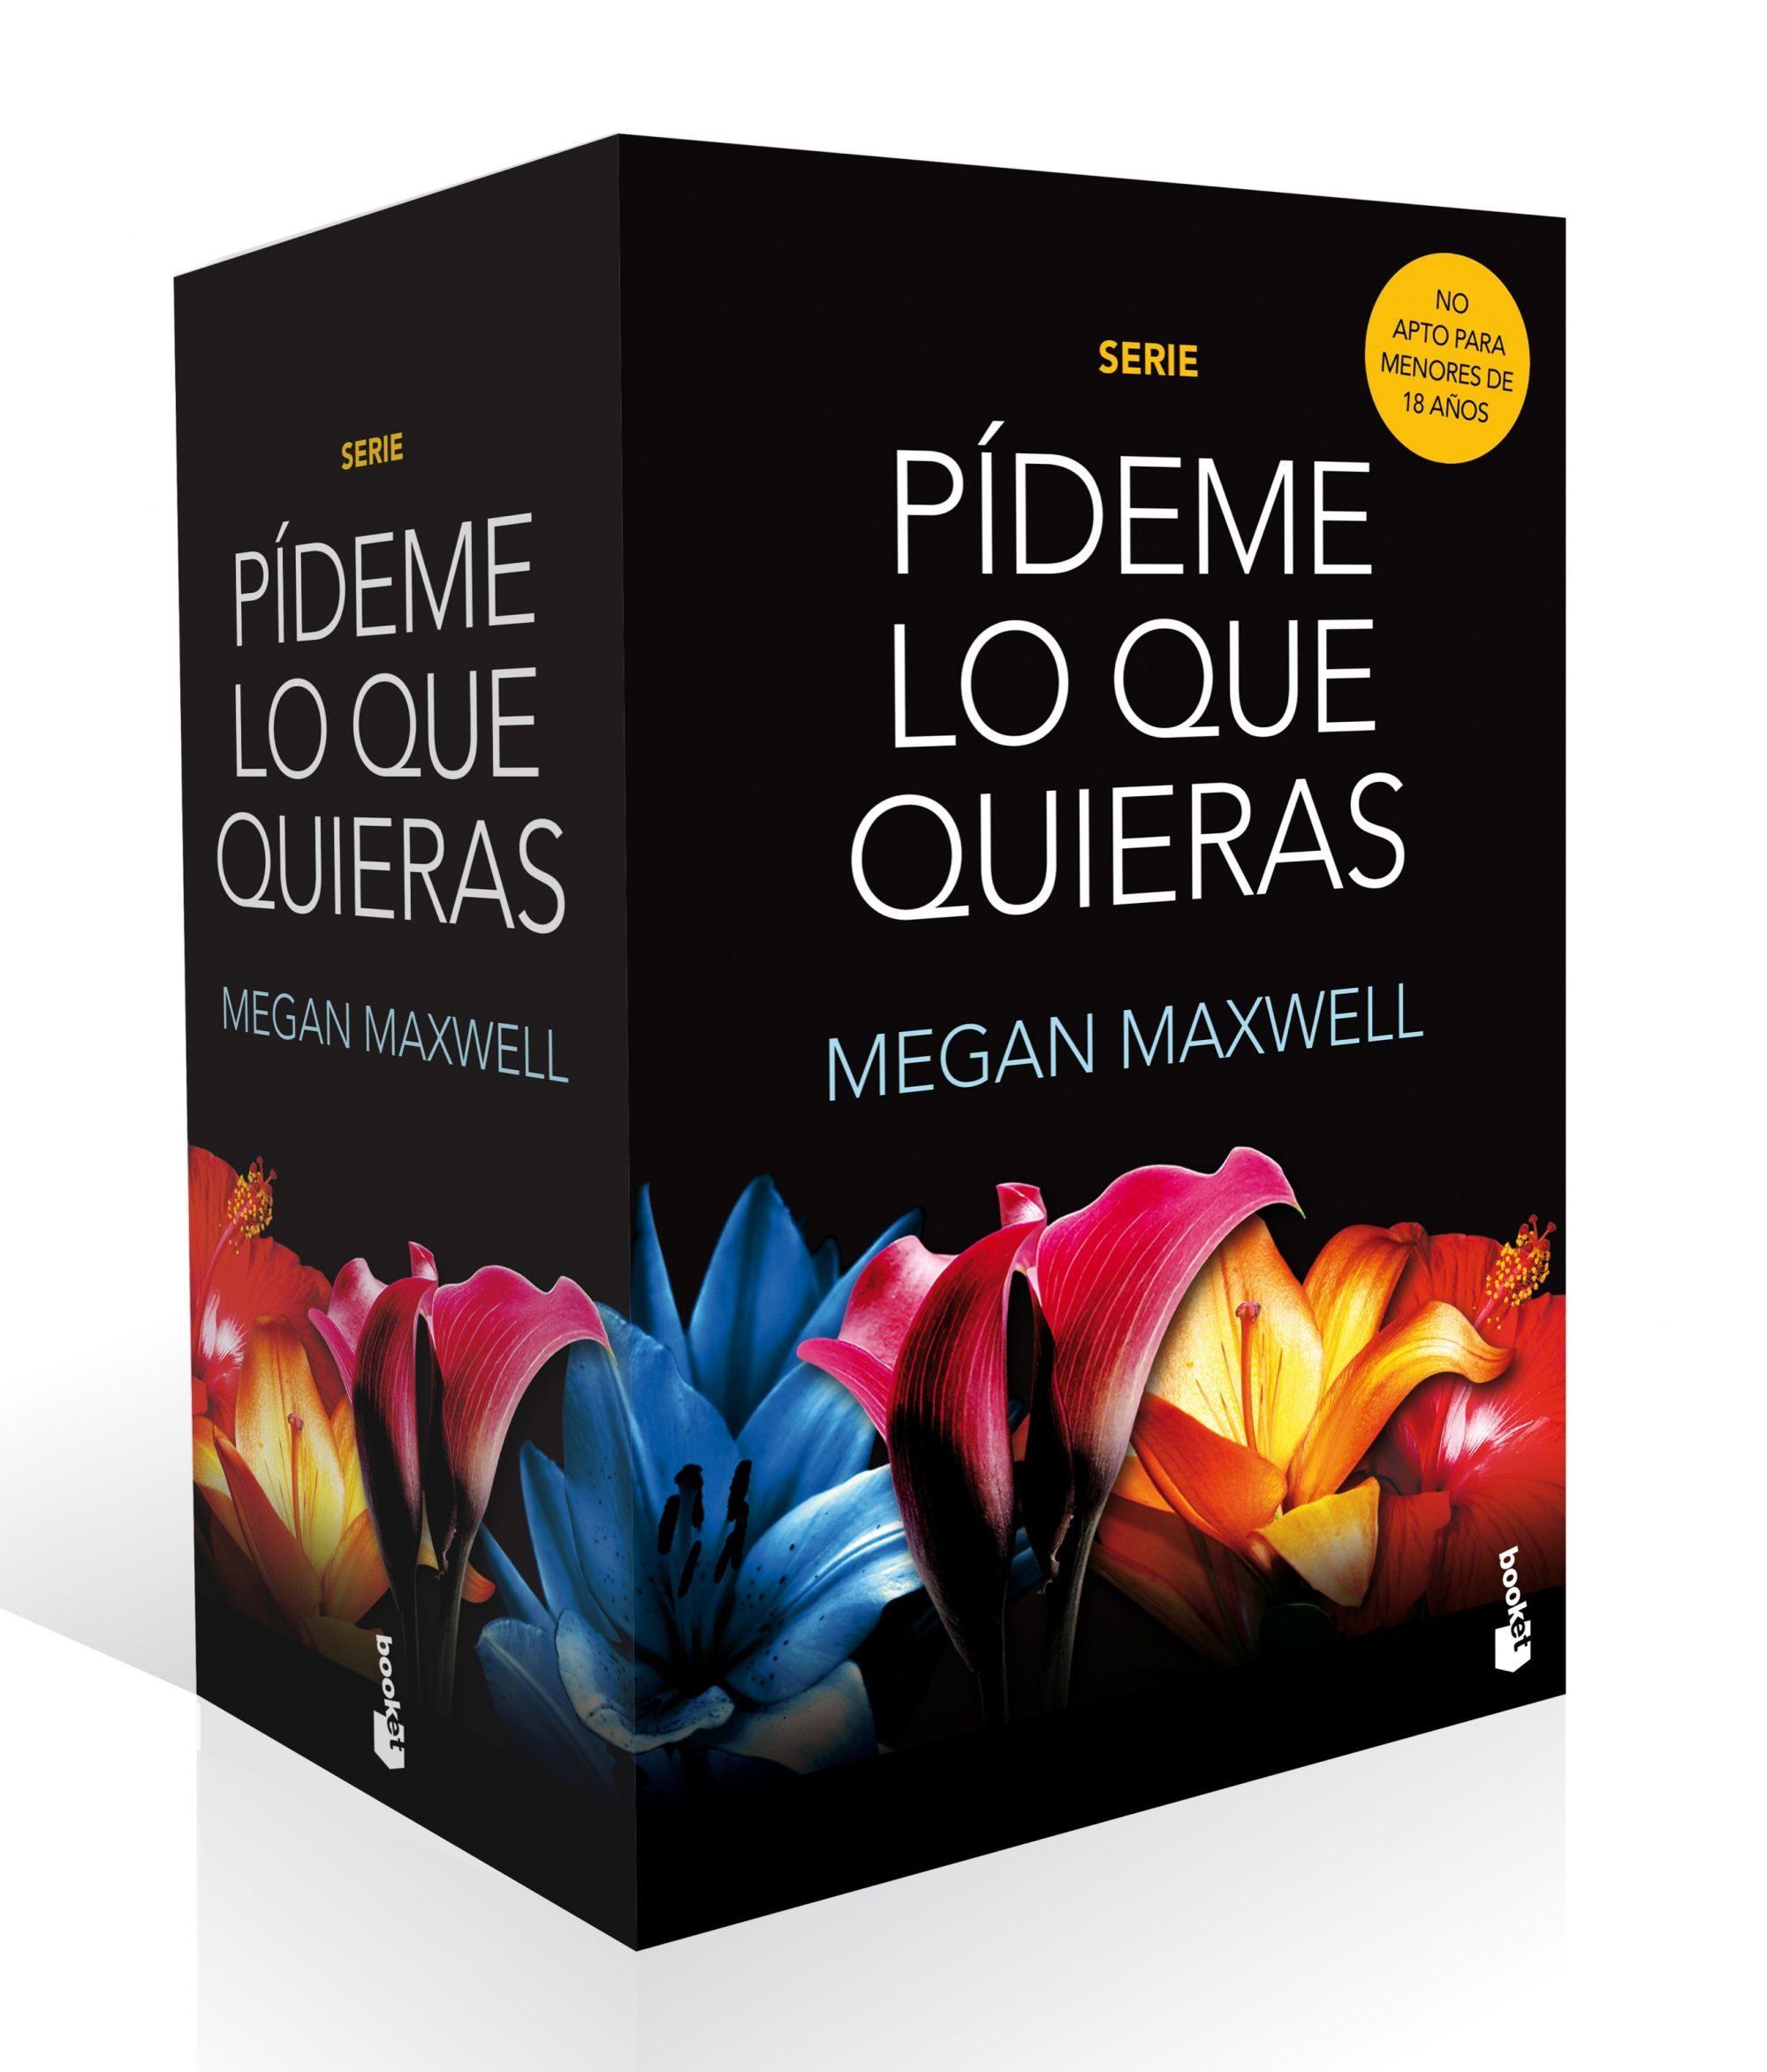 Pack Pídeme lo que Quieras - Megan Maxwell - Booket